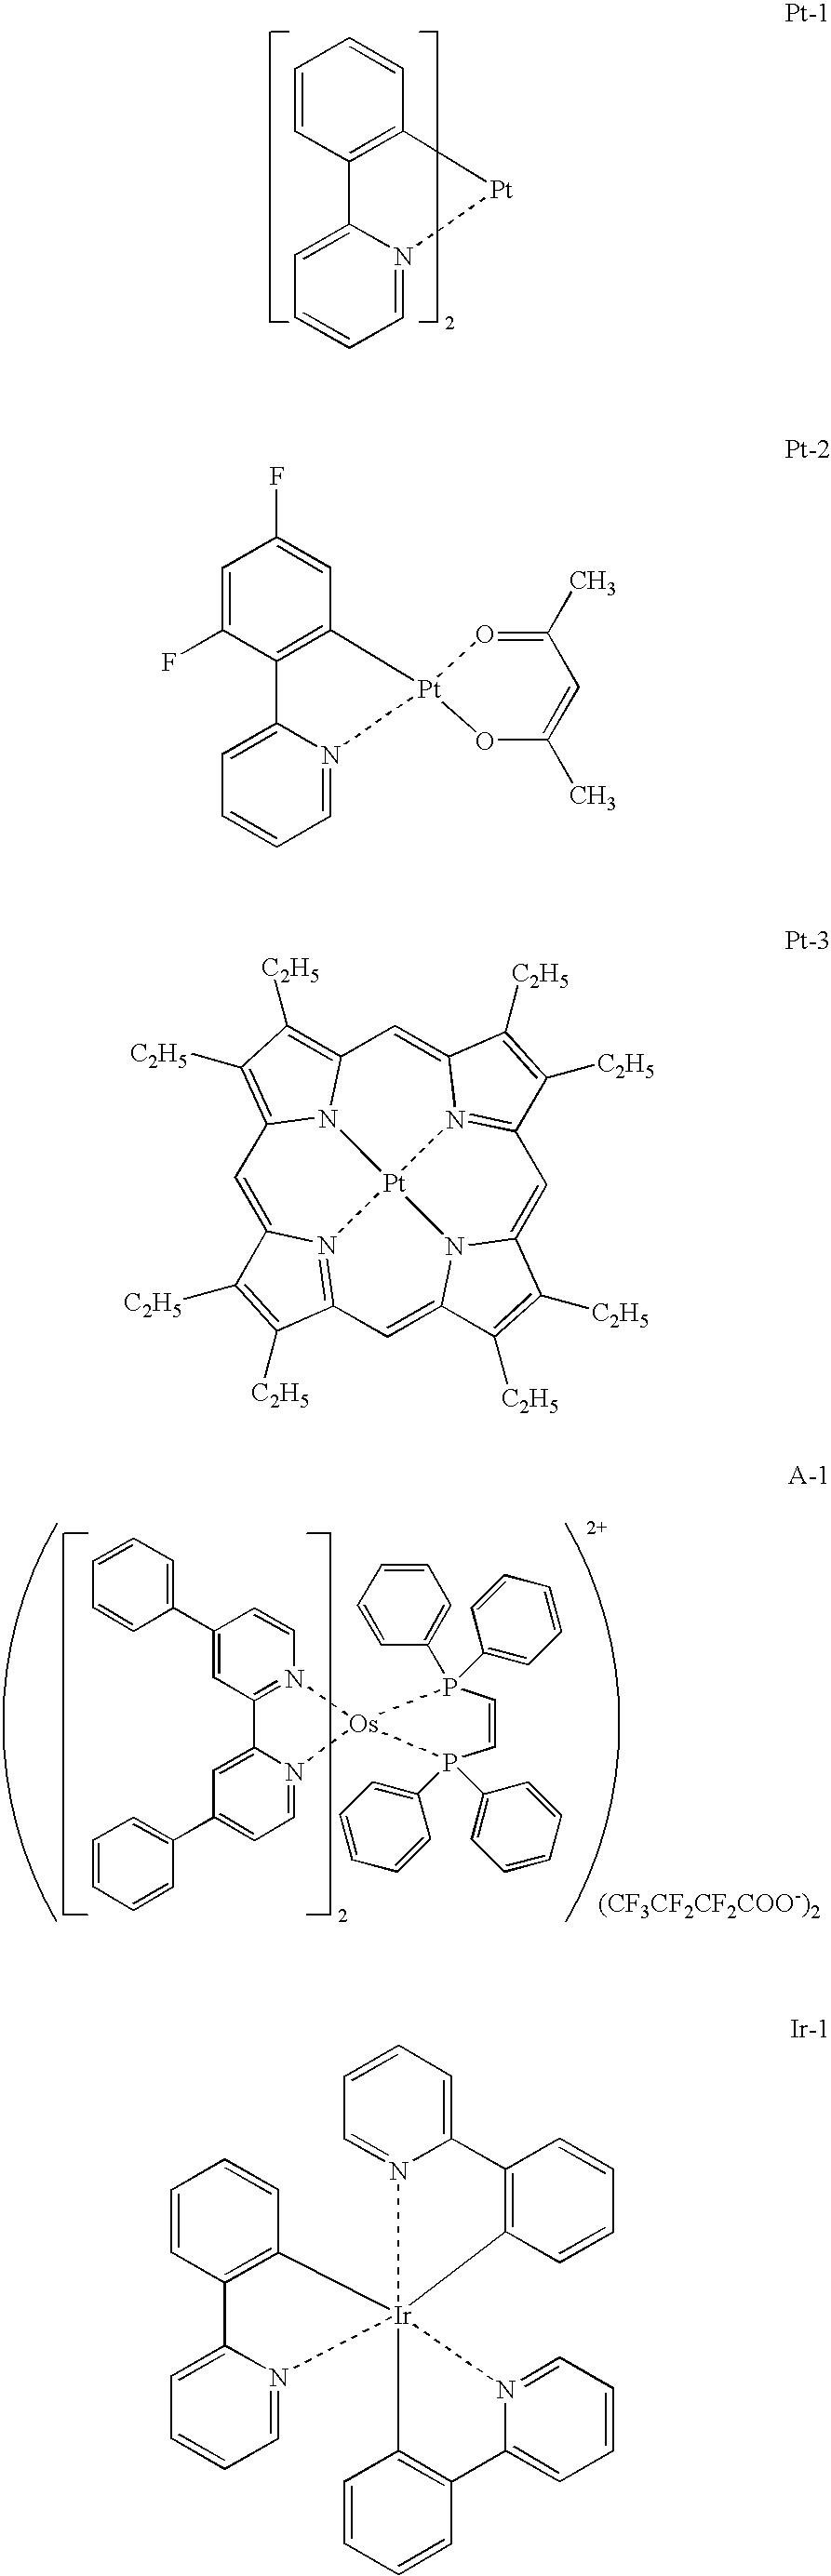 Figure US08053765-20111108-C00015